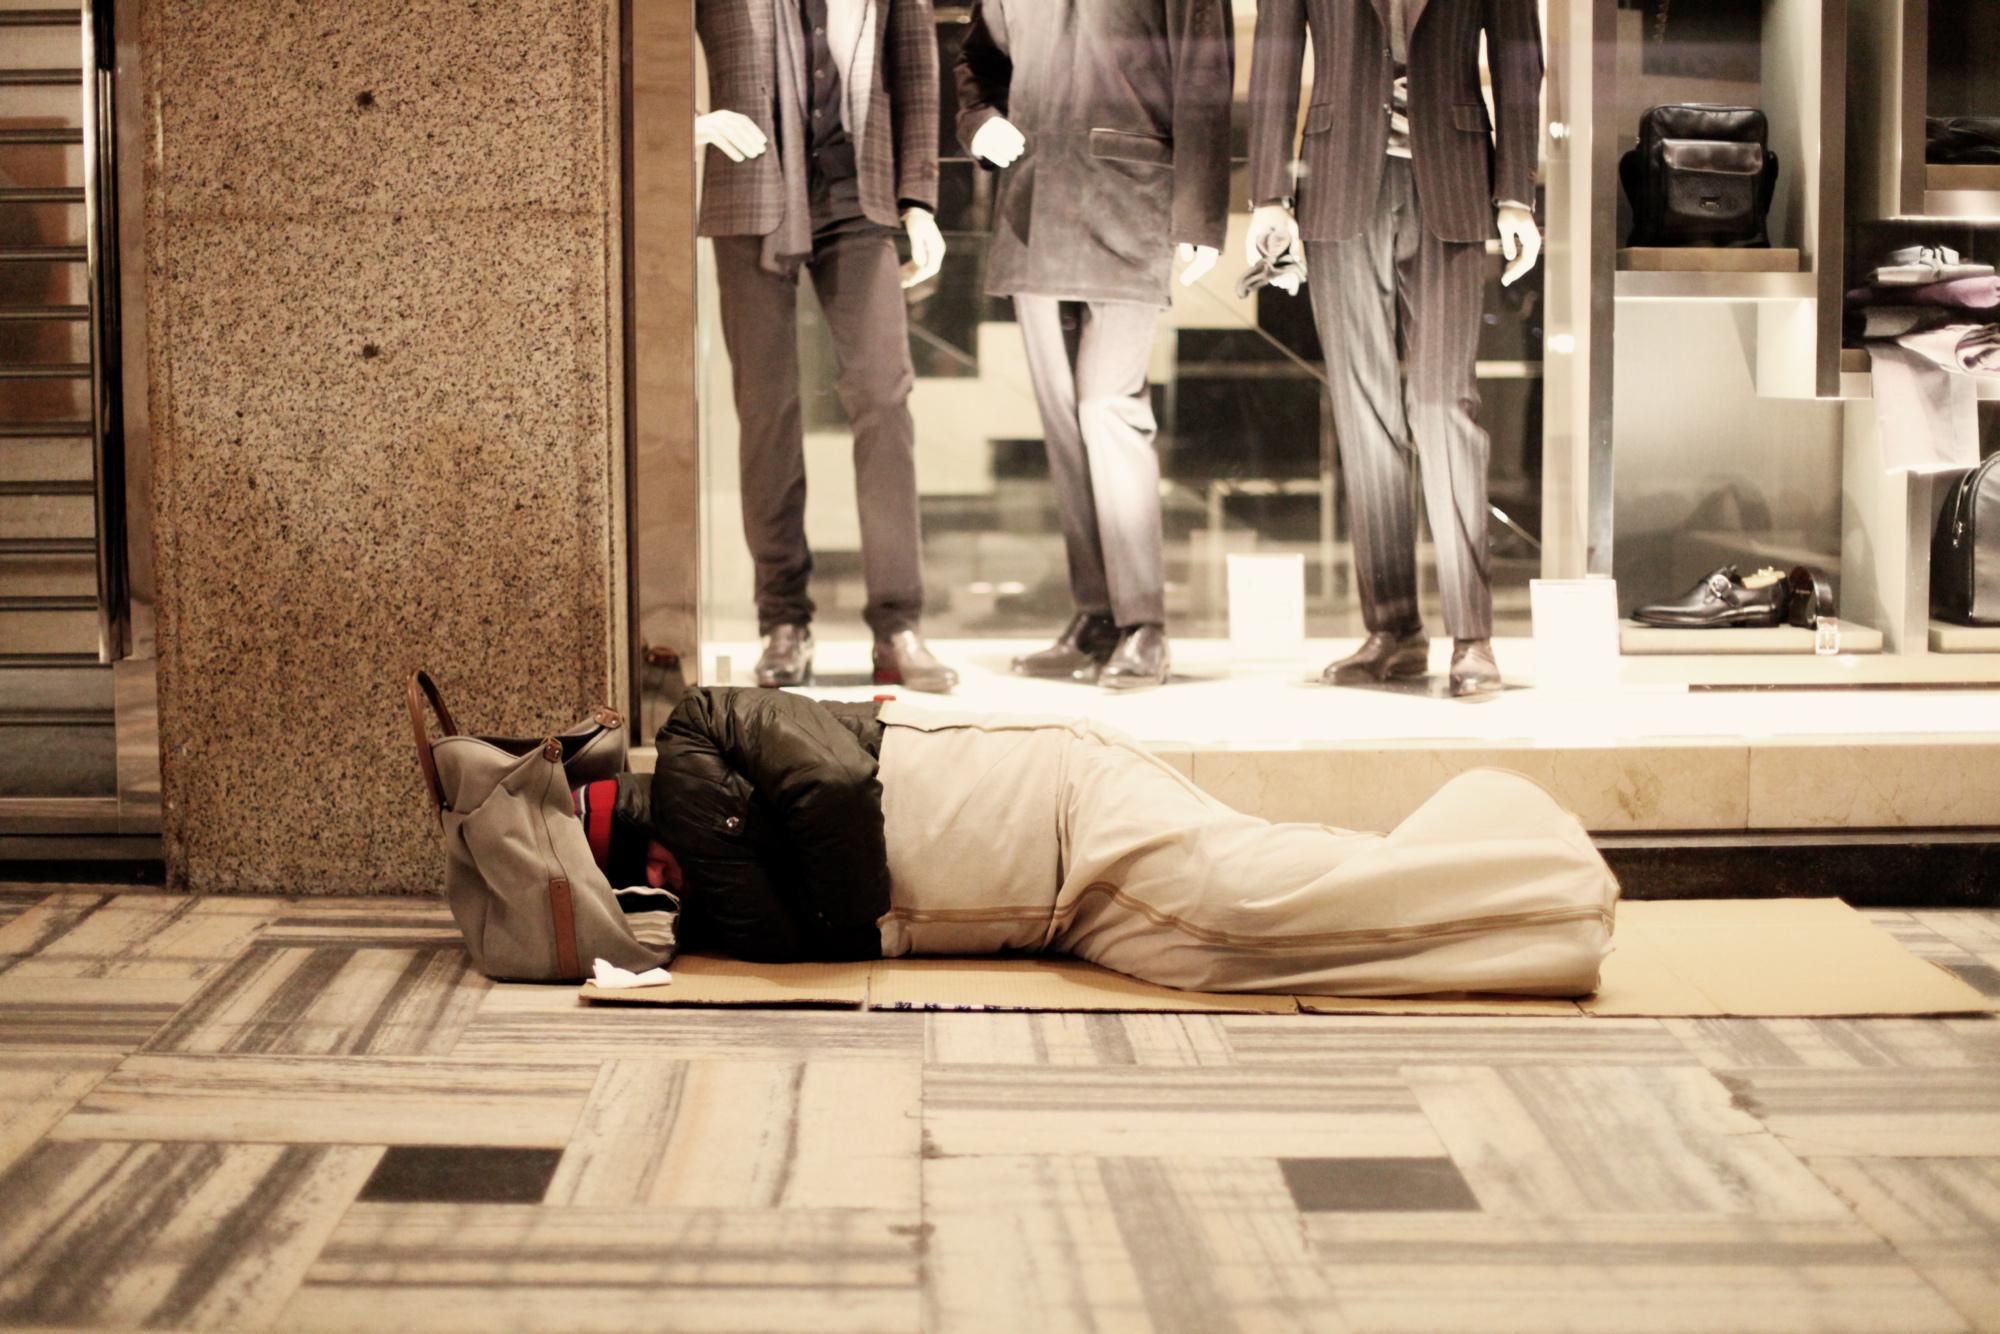 Milano, coronavirus: i primi colpiti sono senzatetto e migranti, come quello ritratto in foto